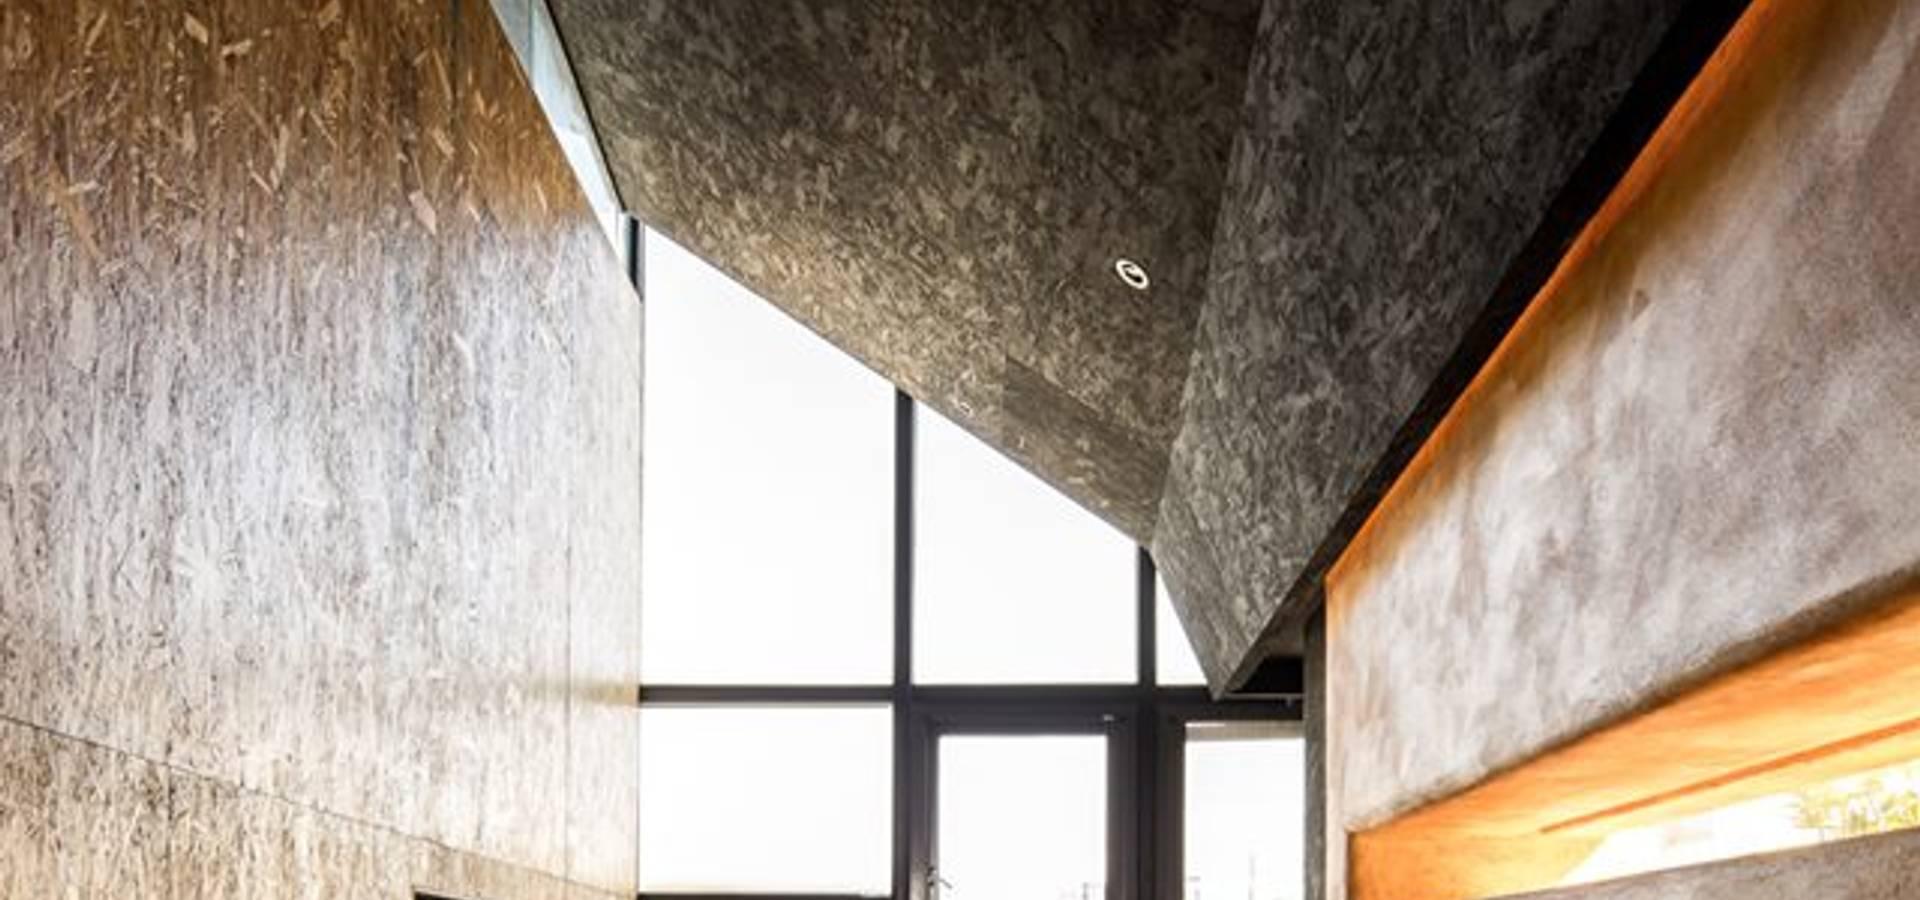 思銳室內設計有限公司  srainchen interior design company